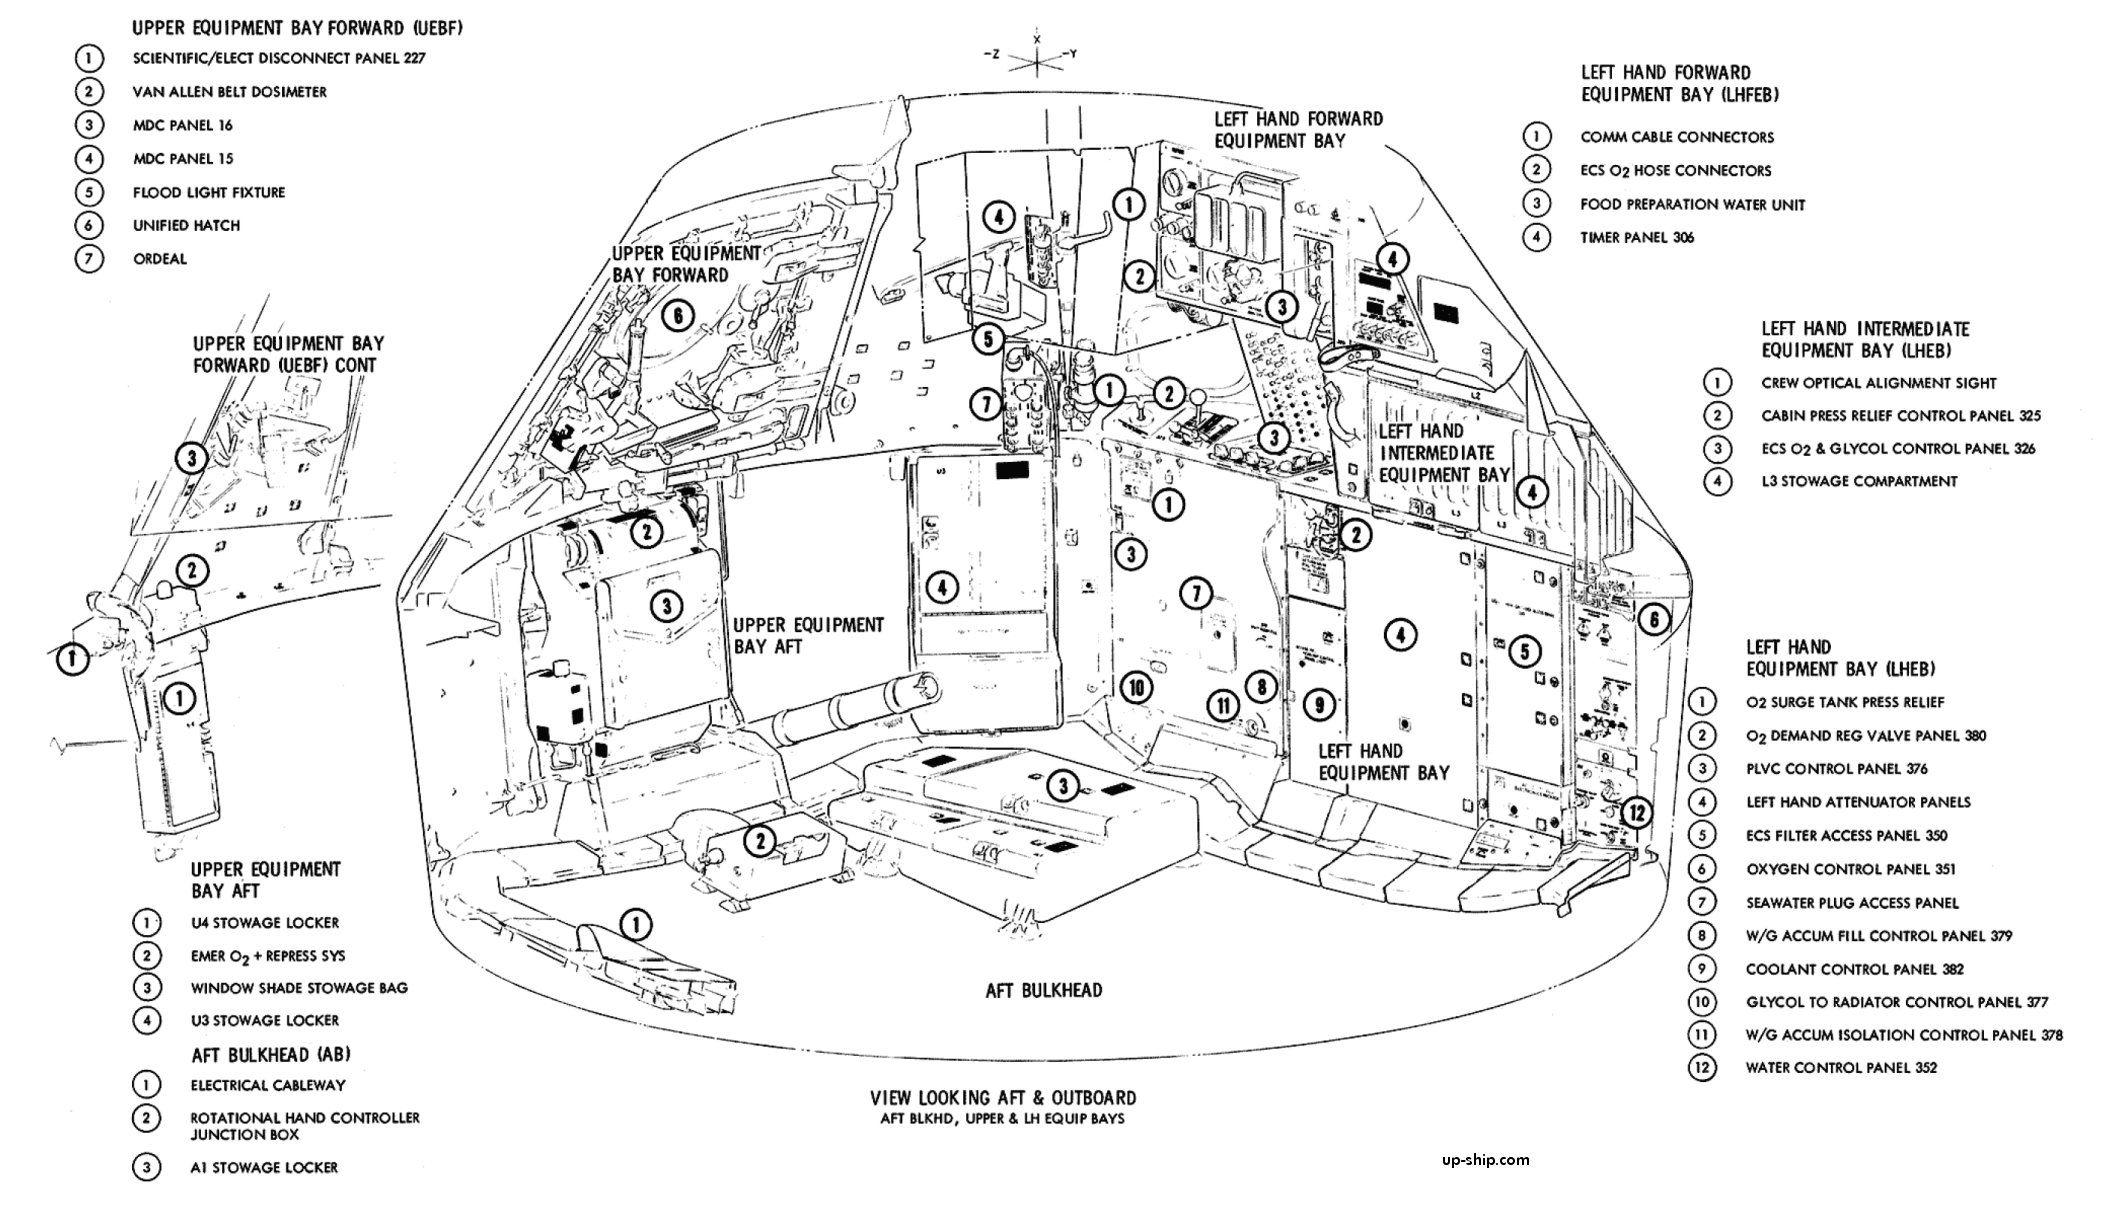 Apollo Capsule Diagram